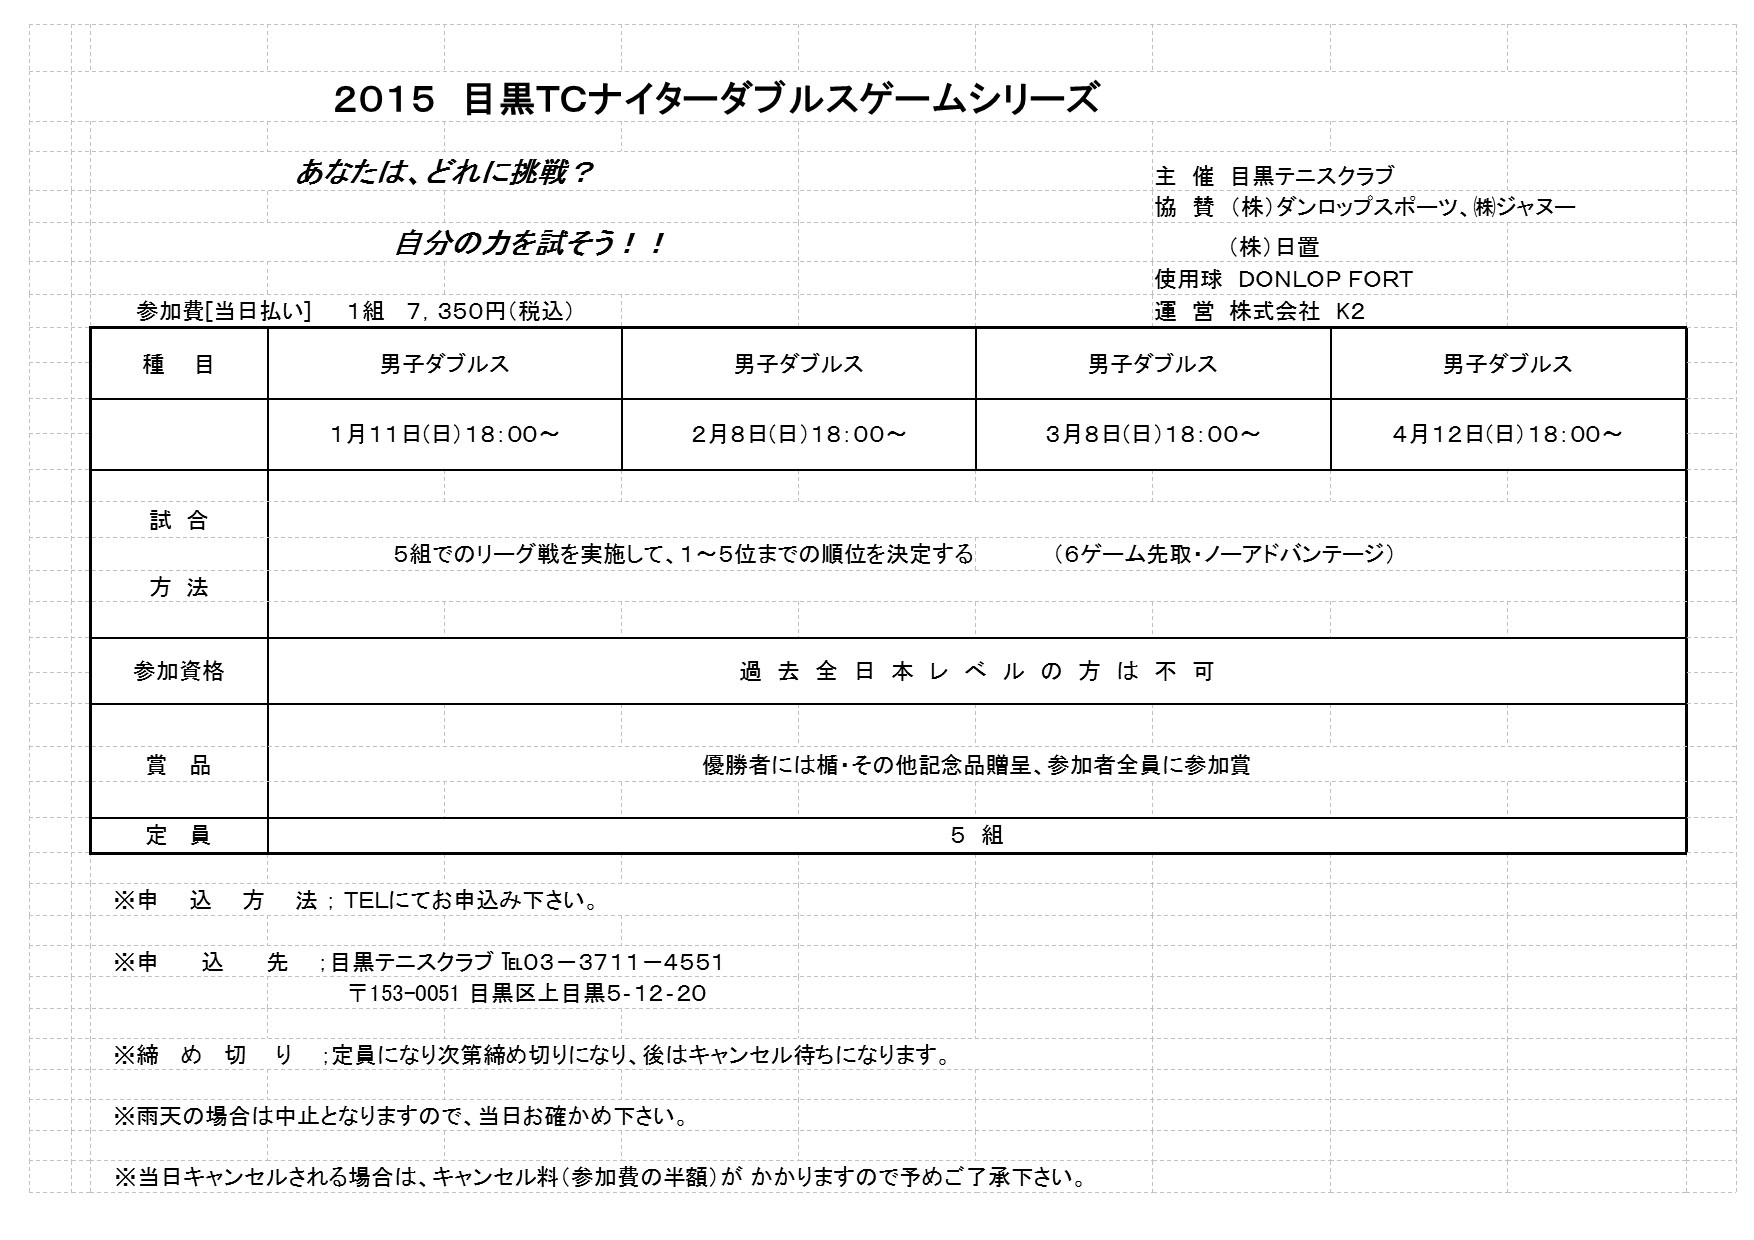 2015年 1月~4月 ナイターダブルストーナメント_b0158200_16554259.jpg